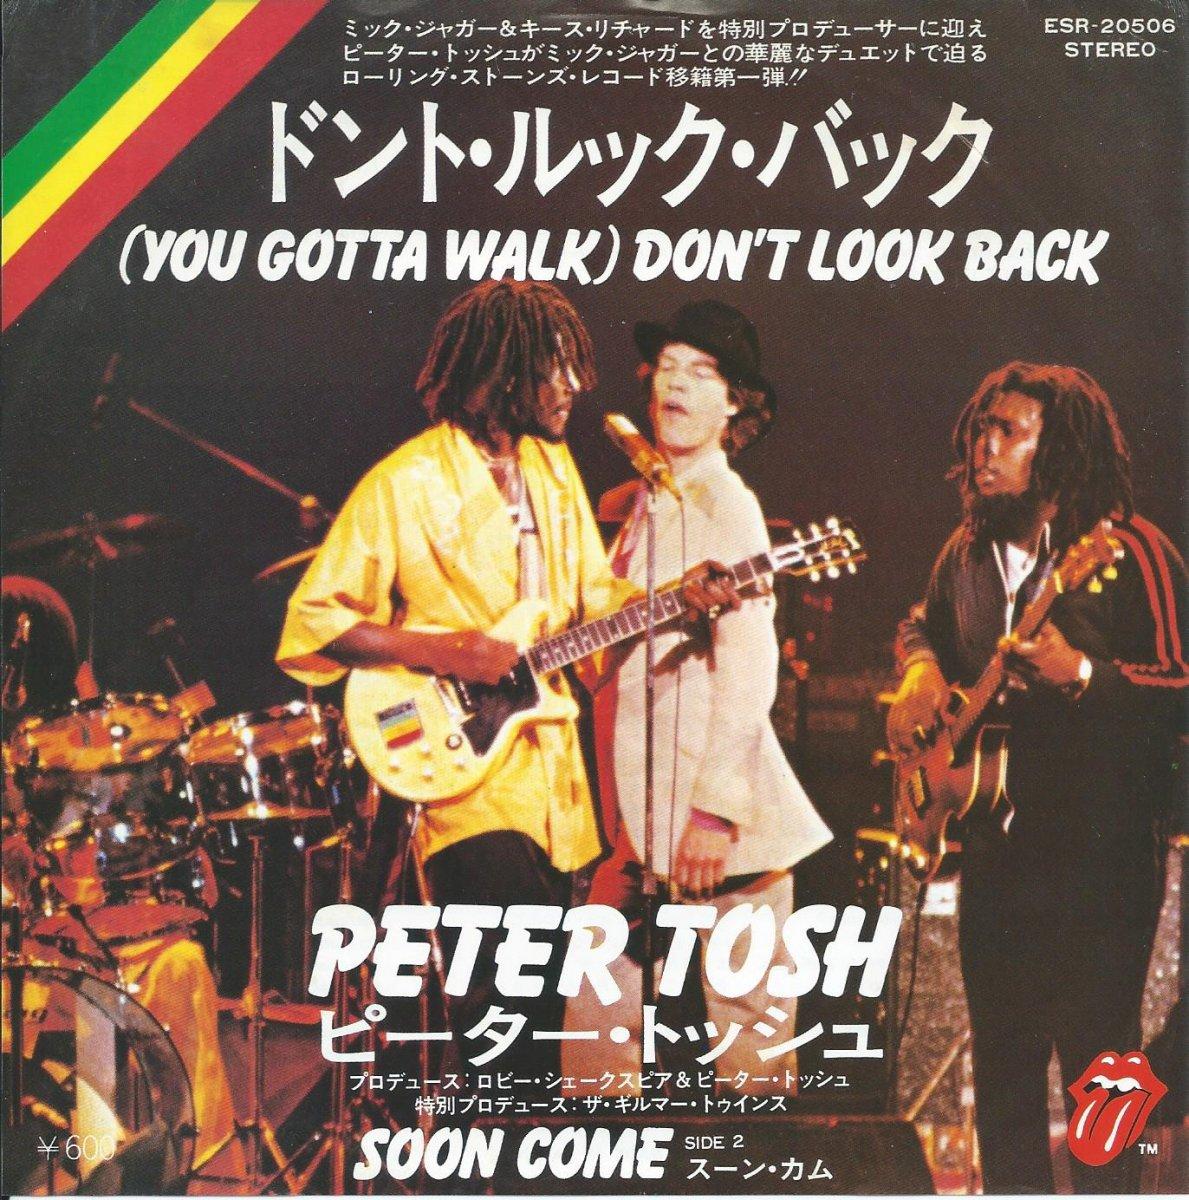 ピーター・トッシュ PETER TOSH / ドント・ルック・バック (YOU GOTTA WALK) DON'T LOOK BACK (7